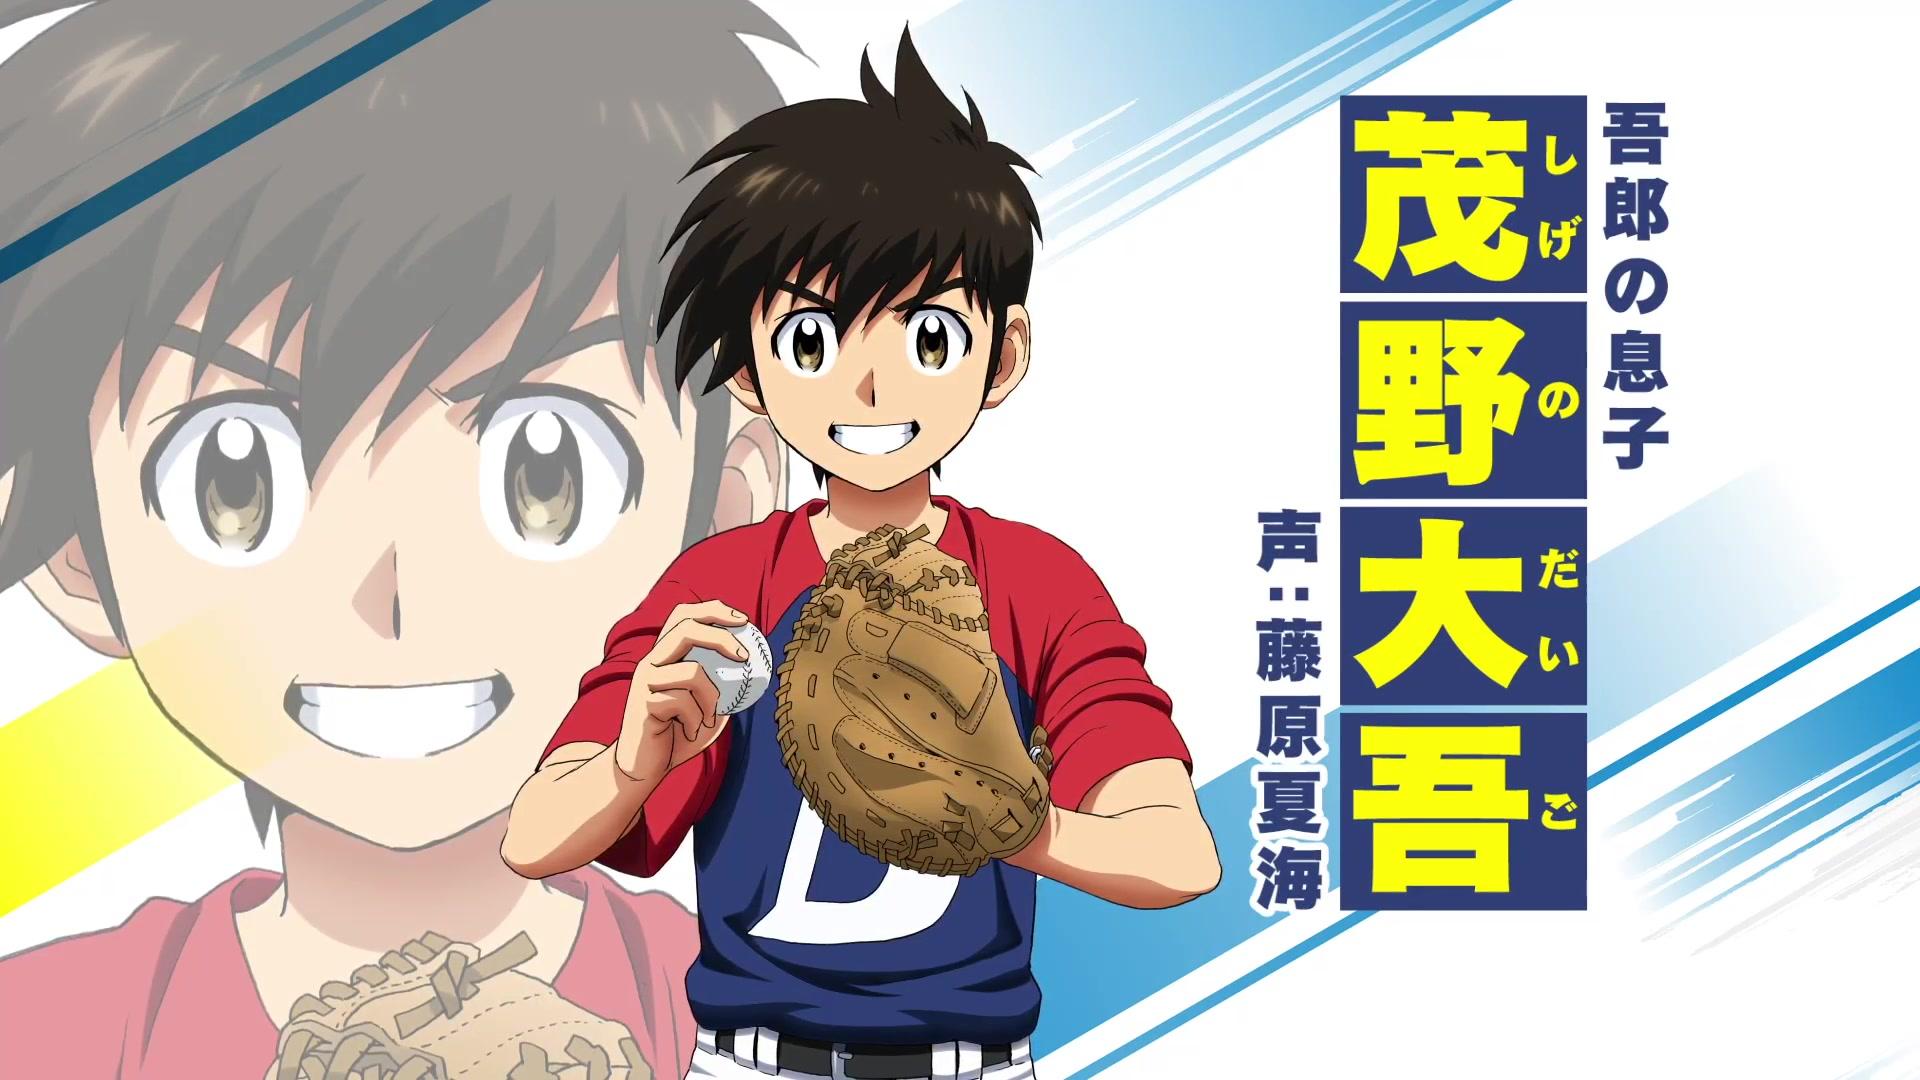 【4月】棒球大聯盟2nd PV【1080P】_嗶哩嗶哩 (゜-゜)つロ 干杯~-bilibili